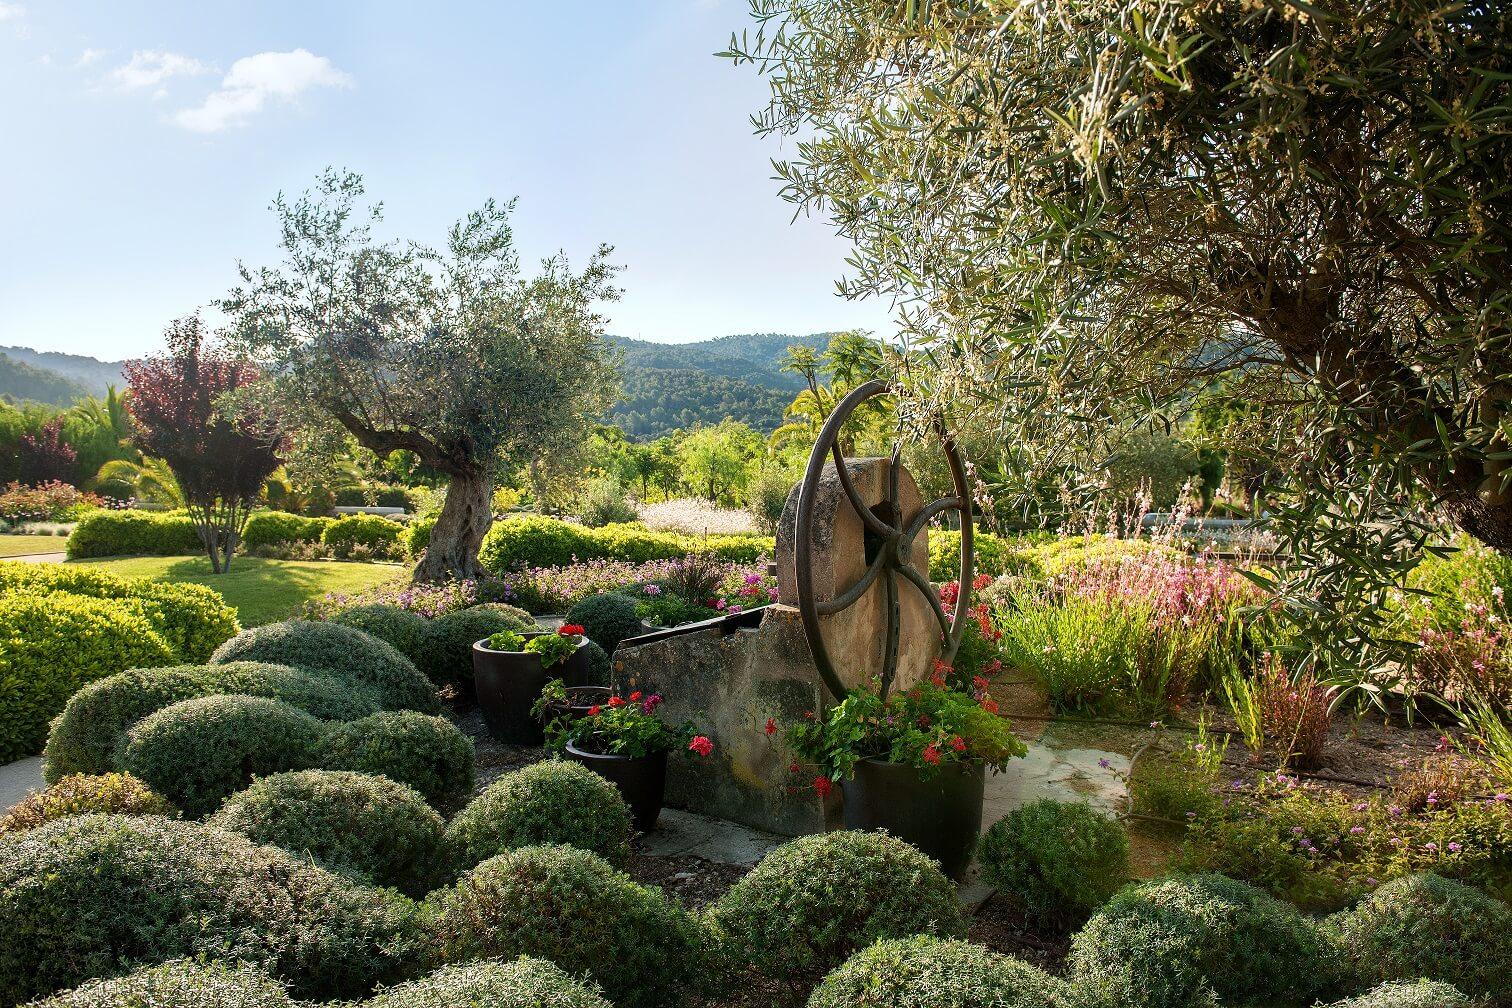 Naturaleza de Mallorca en el Hotel de lujo Castell son Claret (1)